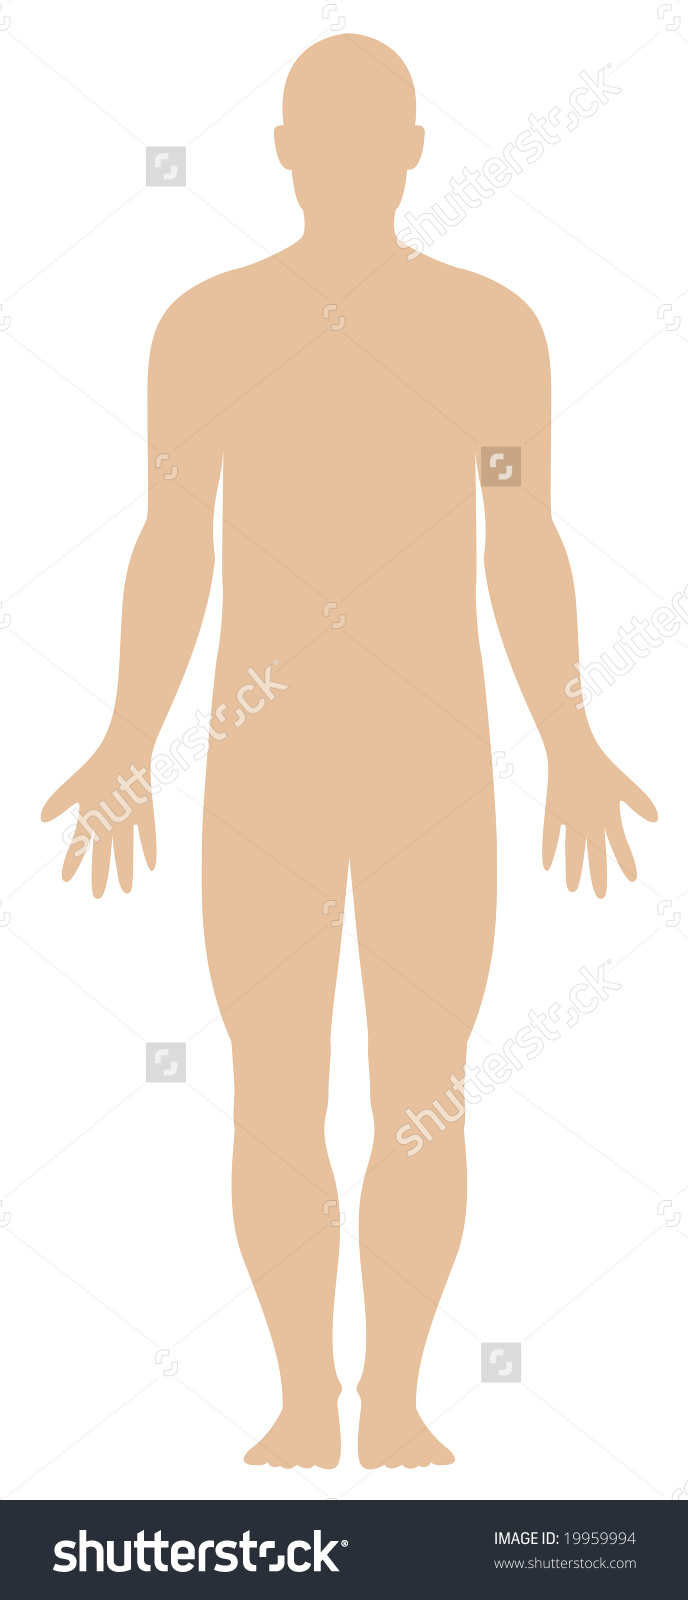 Illustration Plain Human Body Outline Stock Illustration 19959994.